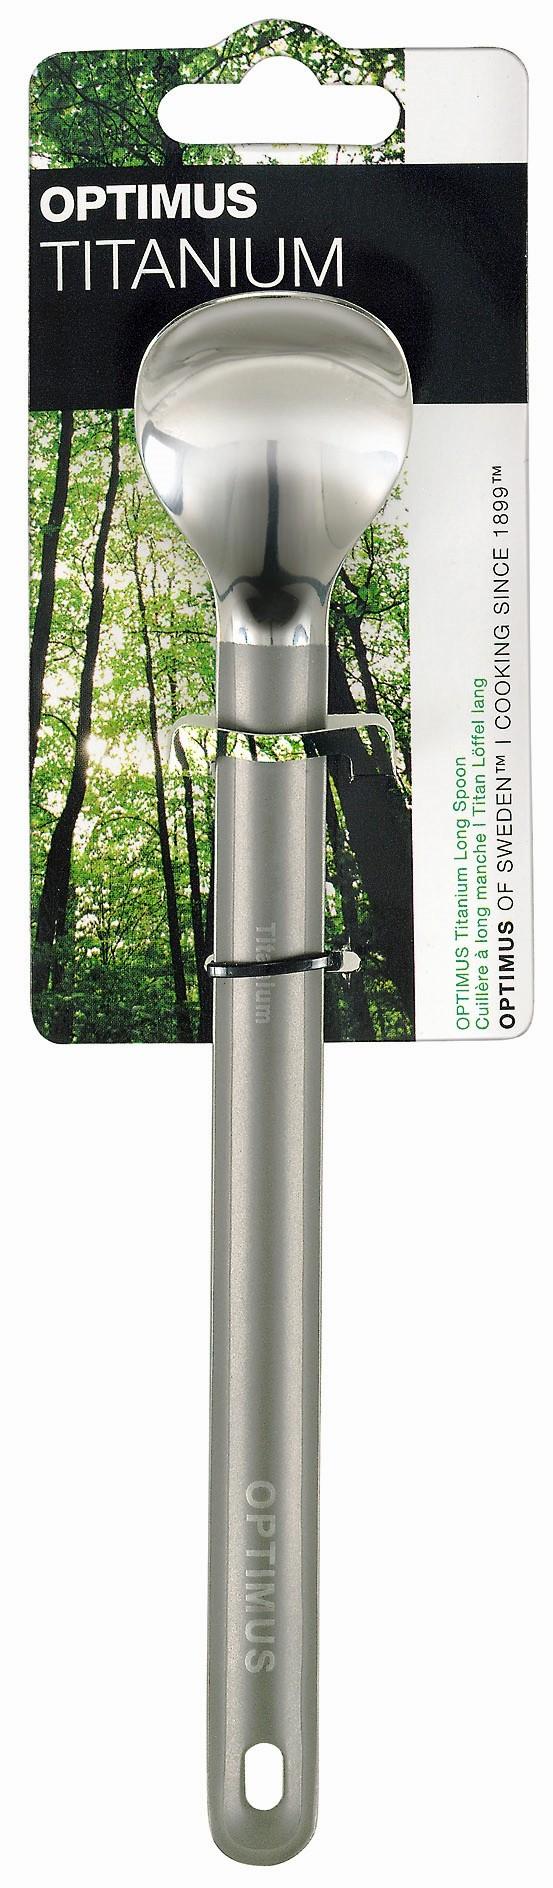 Optimus Titanium Long Spoon